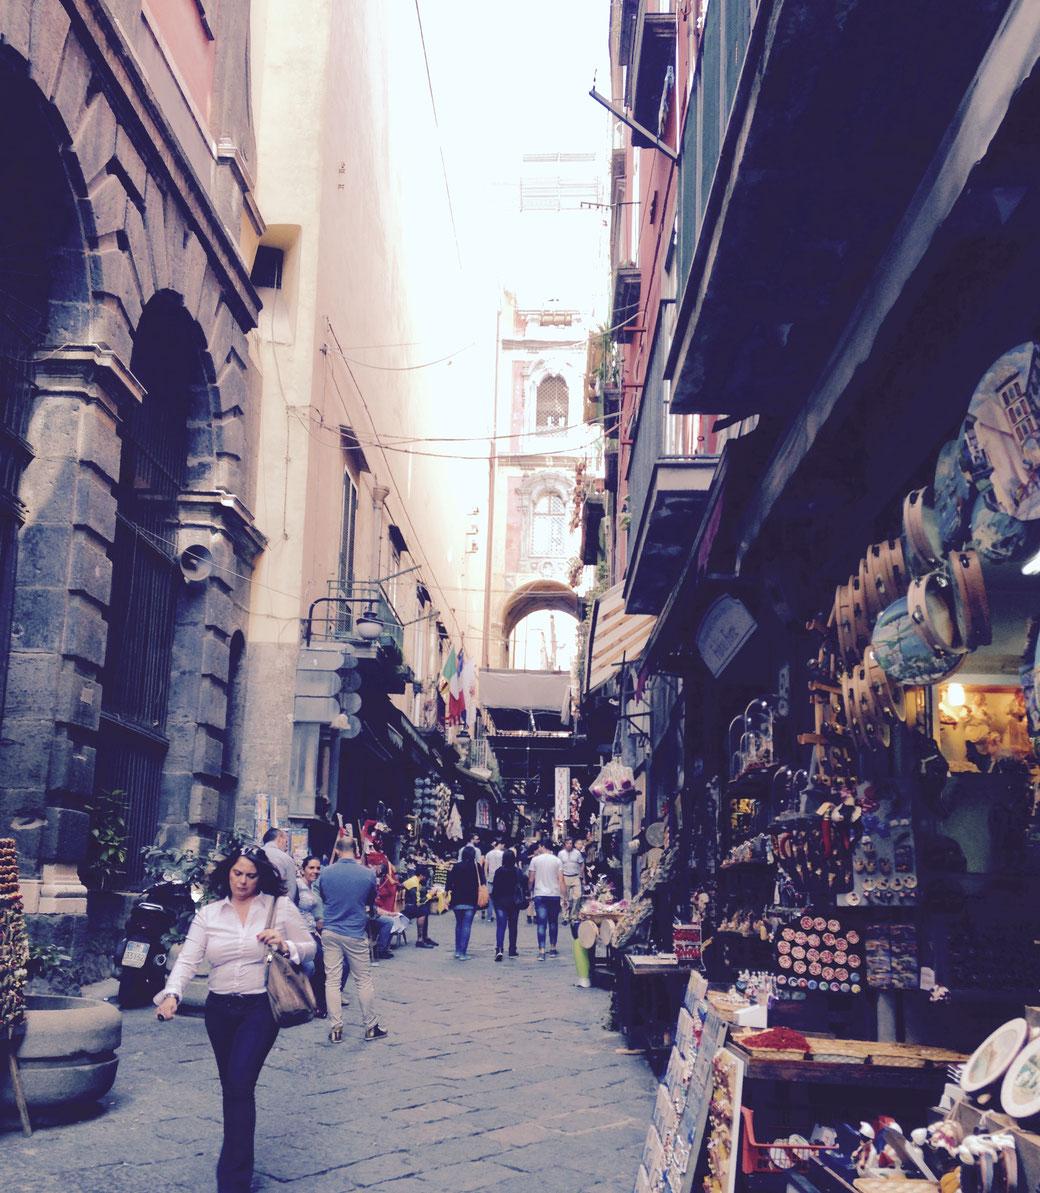 In den engen Gassen von Neapel weiß man gar nicht wohin man zuerst schauen soll!